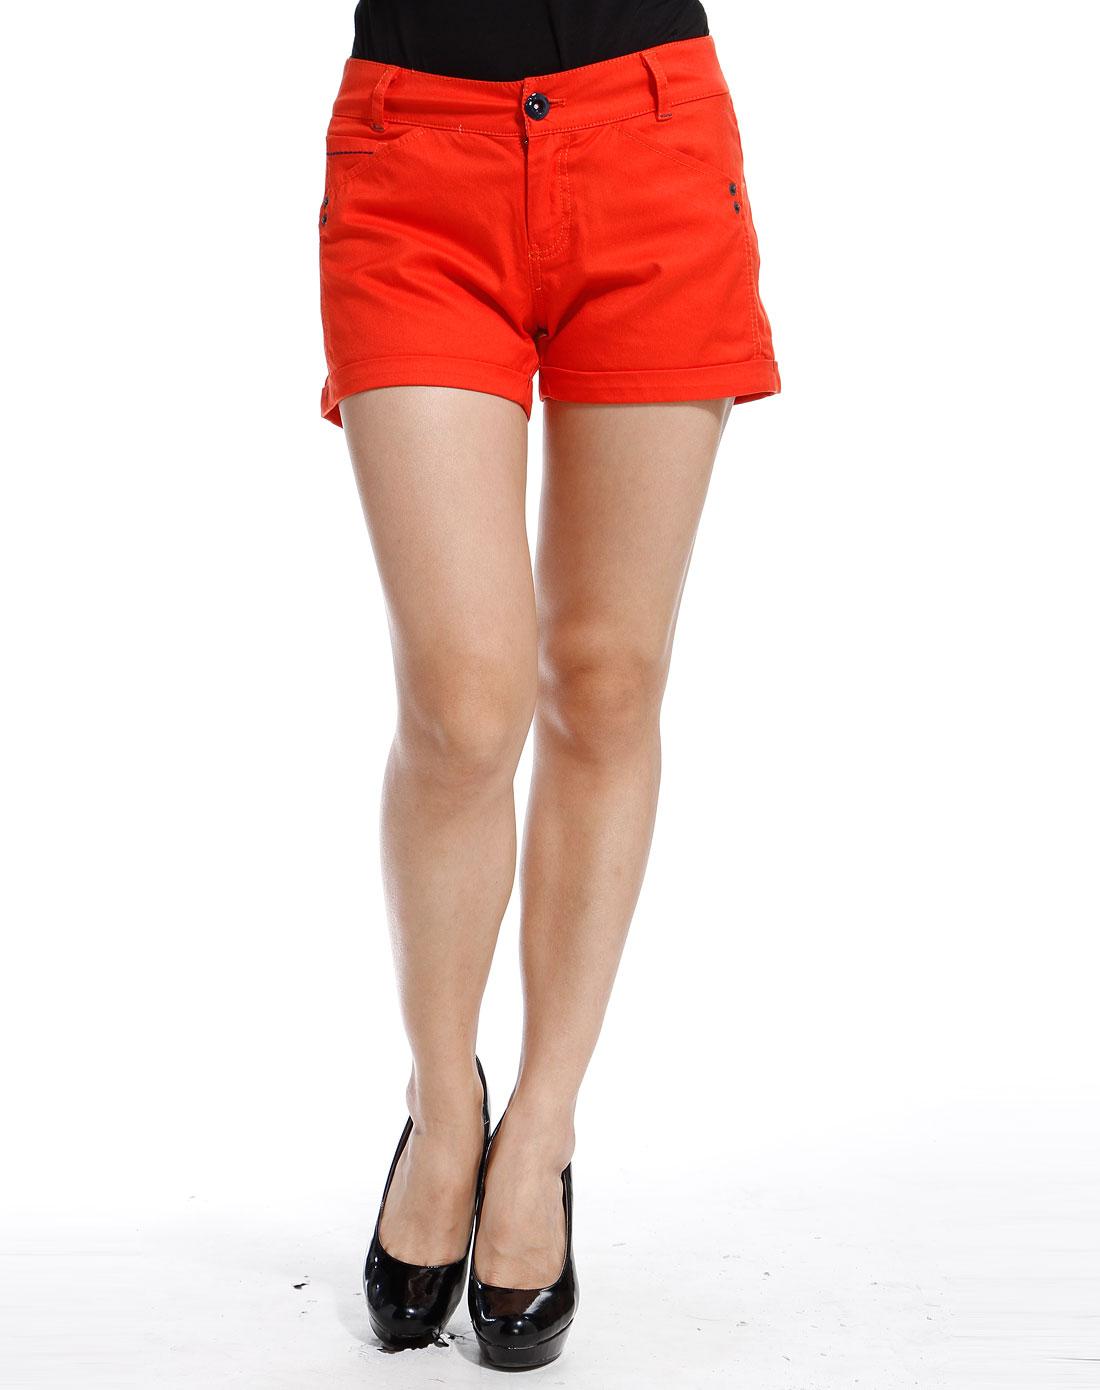 ppt橘红色休闲短裤pde1kg0023r50